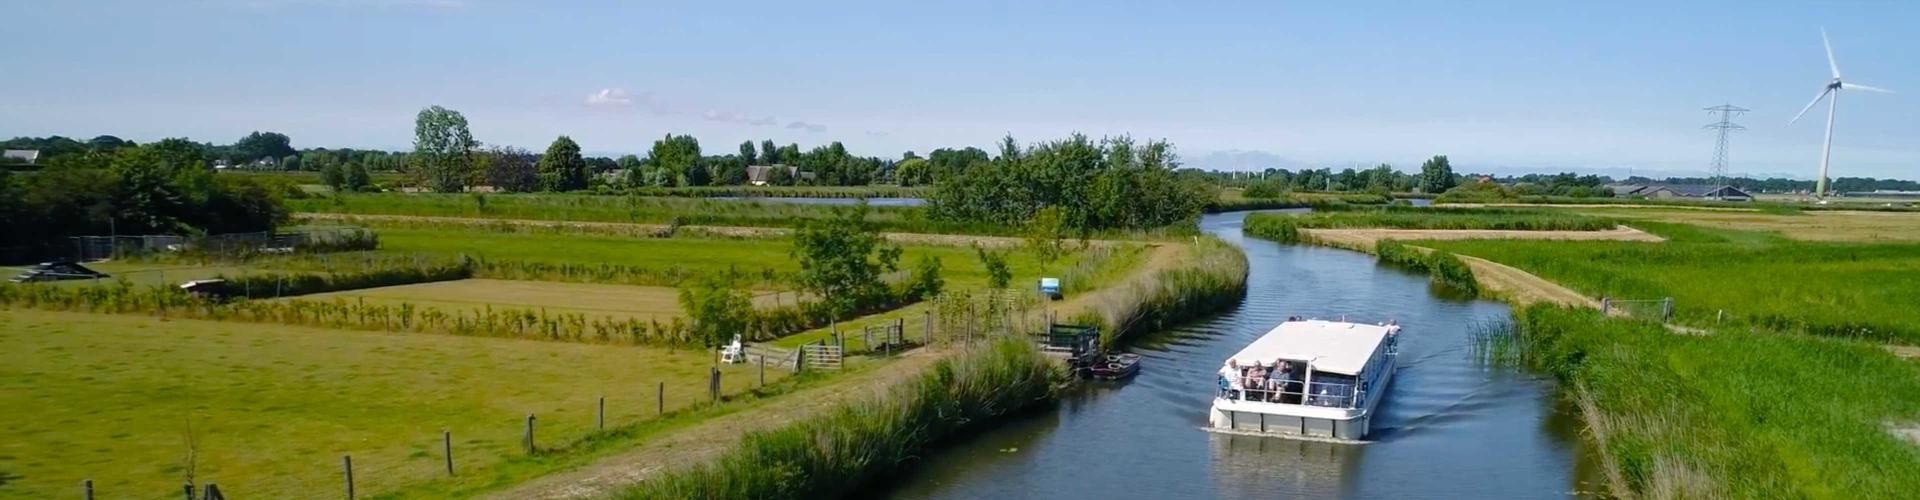 Varen door de polders | Paasbrunch-vaart